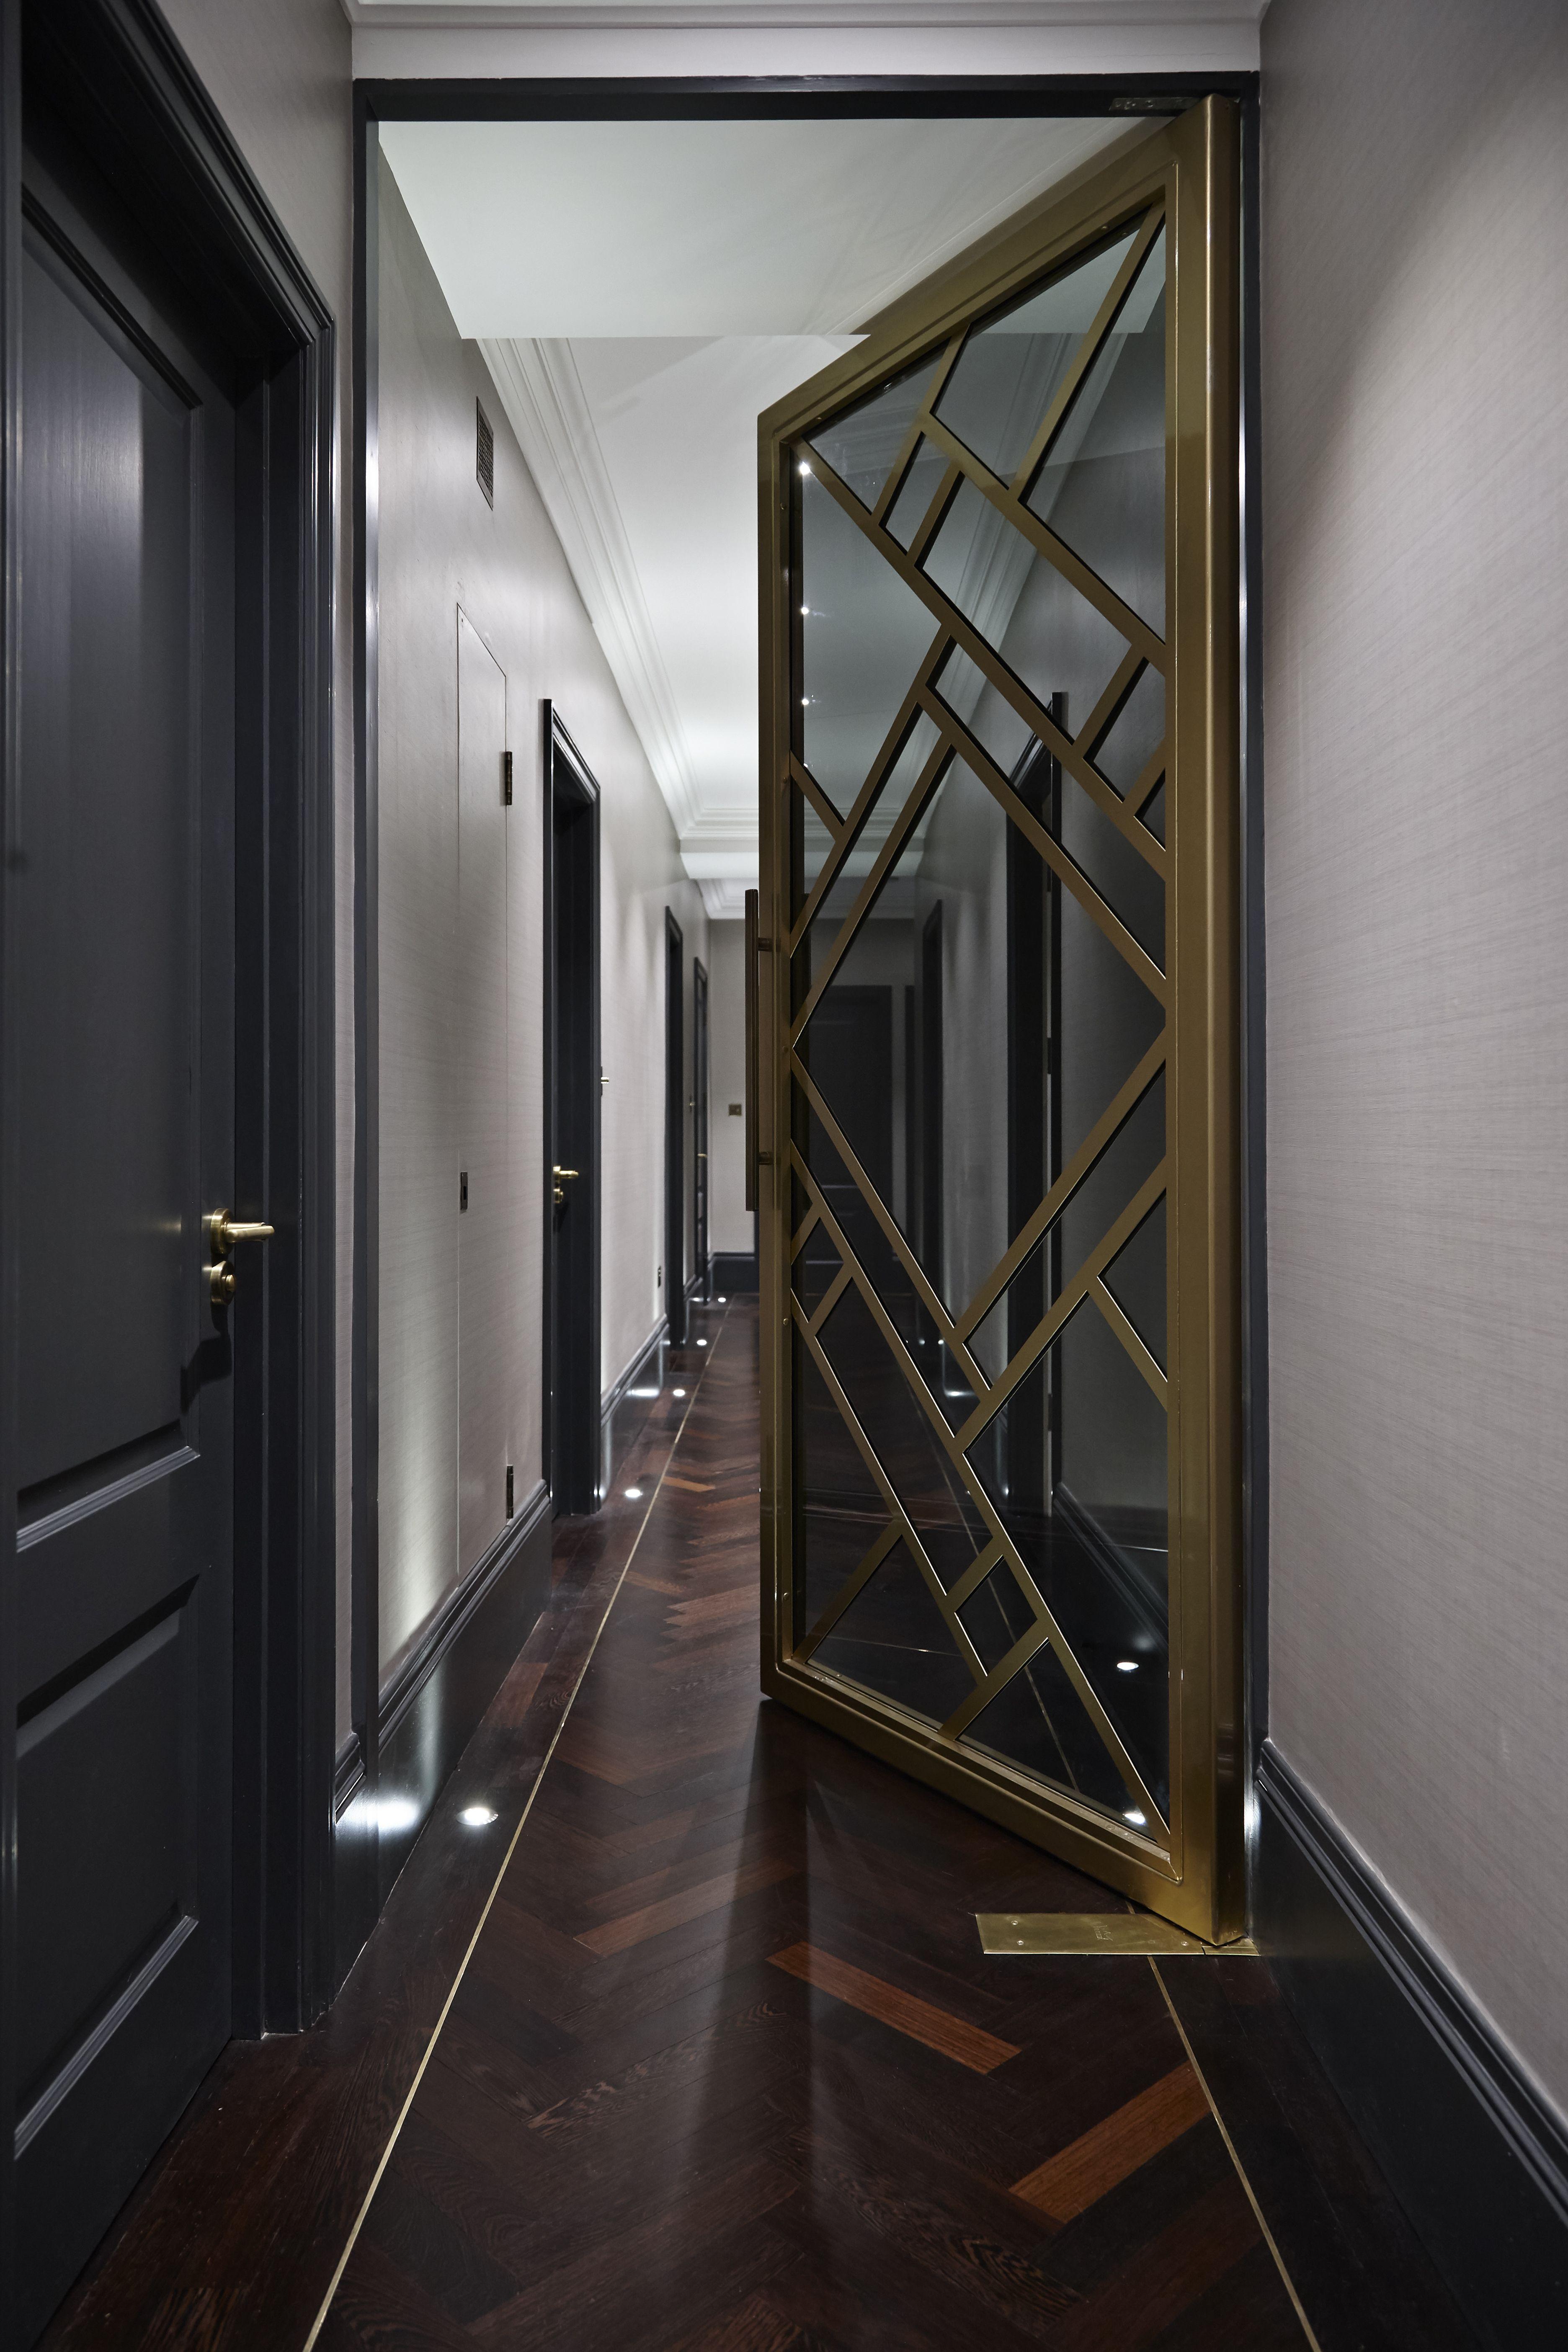 Pin von Pam C auf Doors, doorways, knobs and Windows | Pinterest | Türen